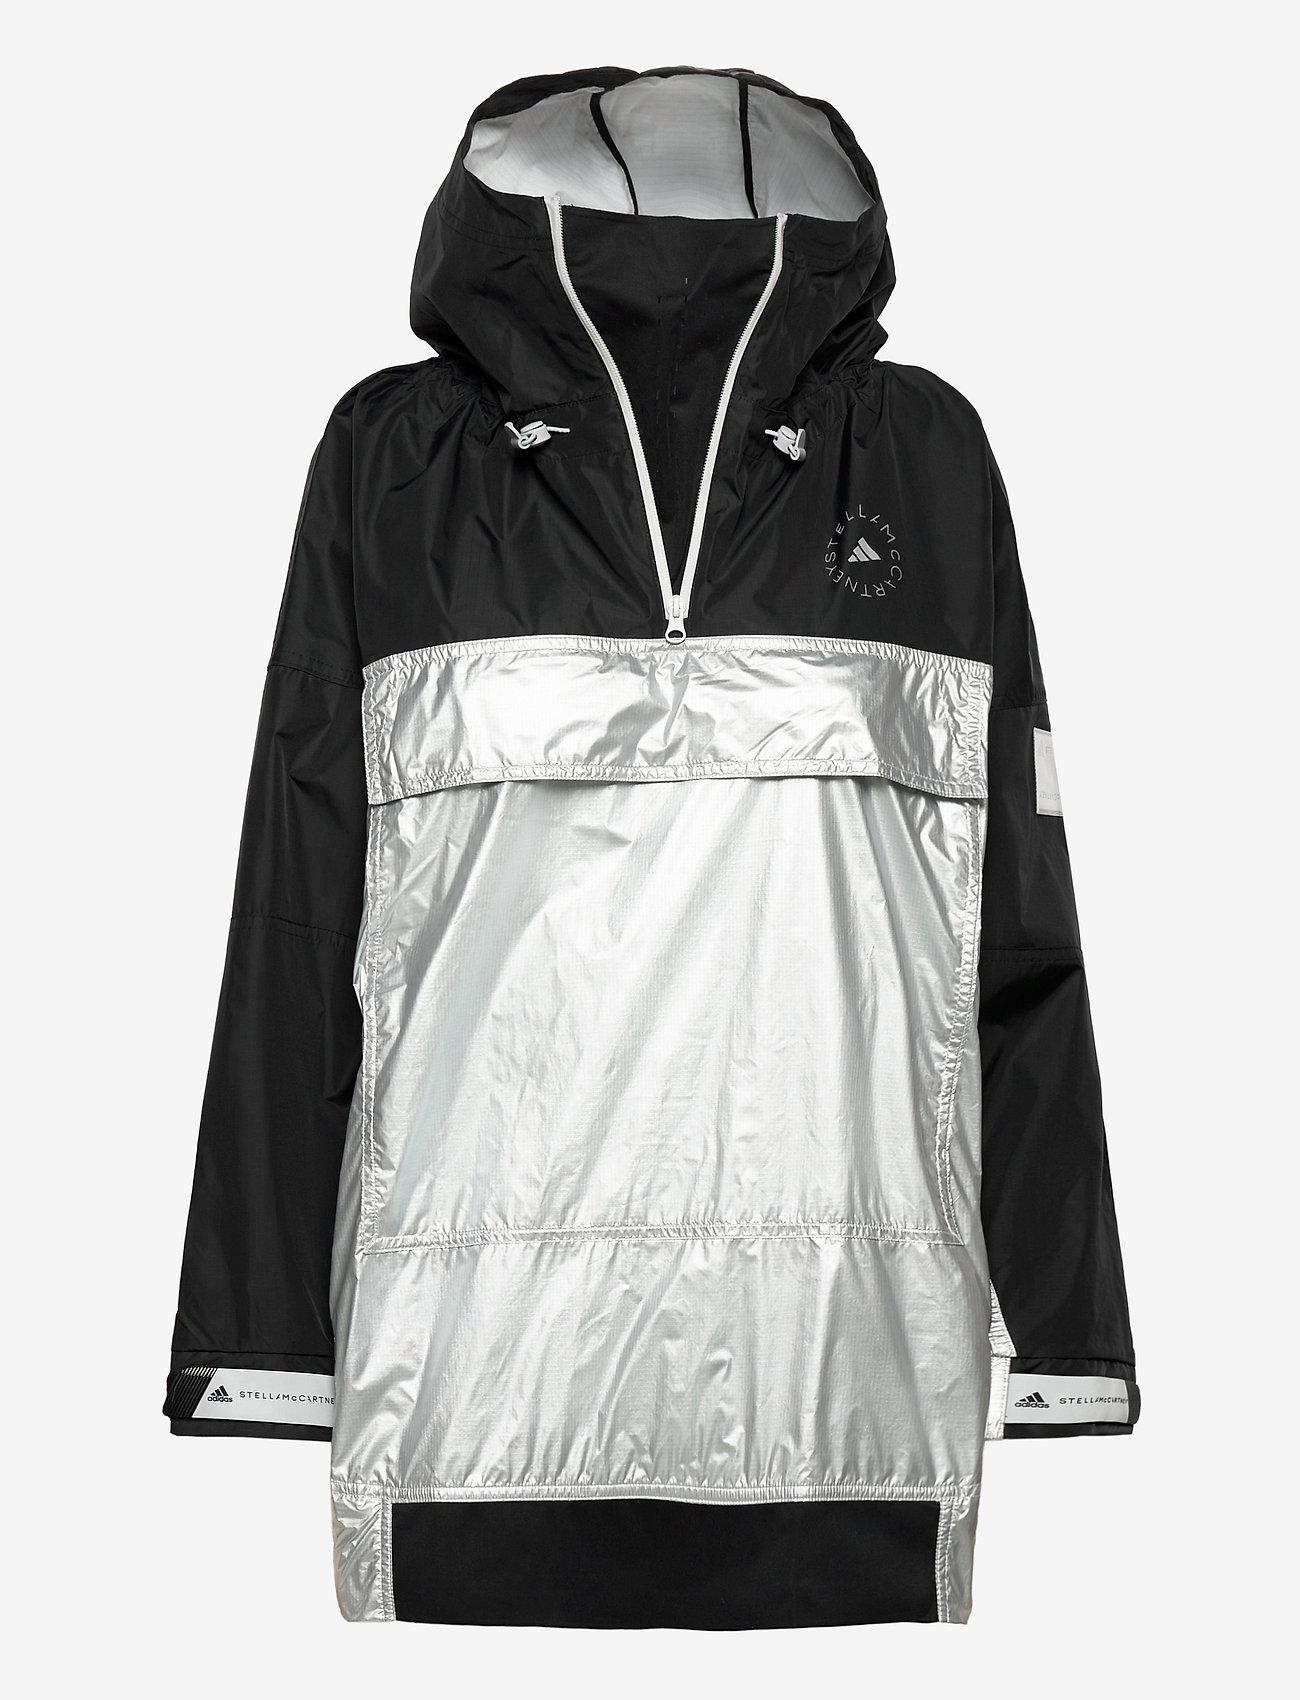 adidas by Stella McCartney - URBXTR PULLON - träningsjackor - black/metsil - 1